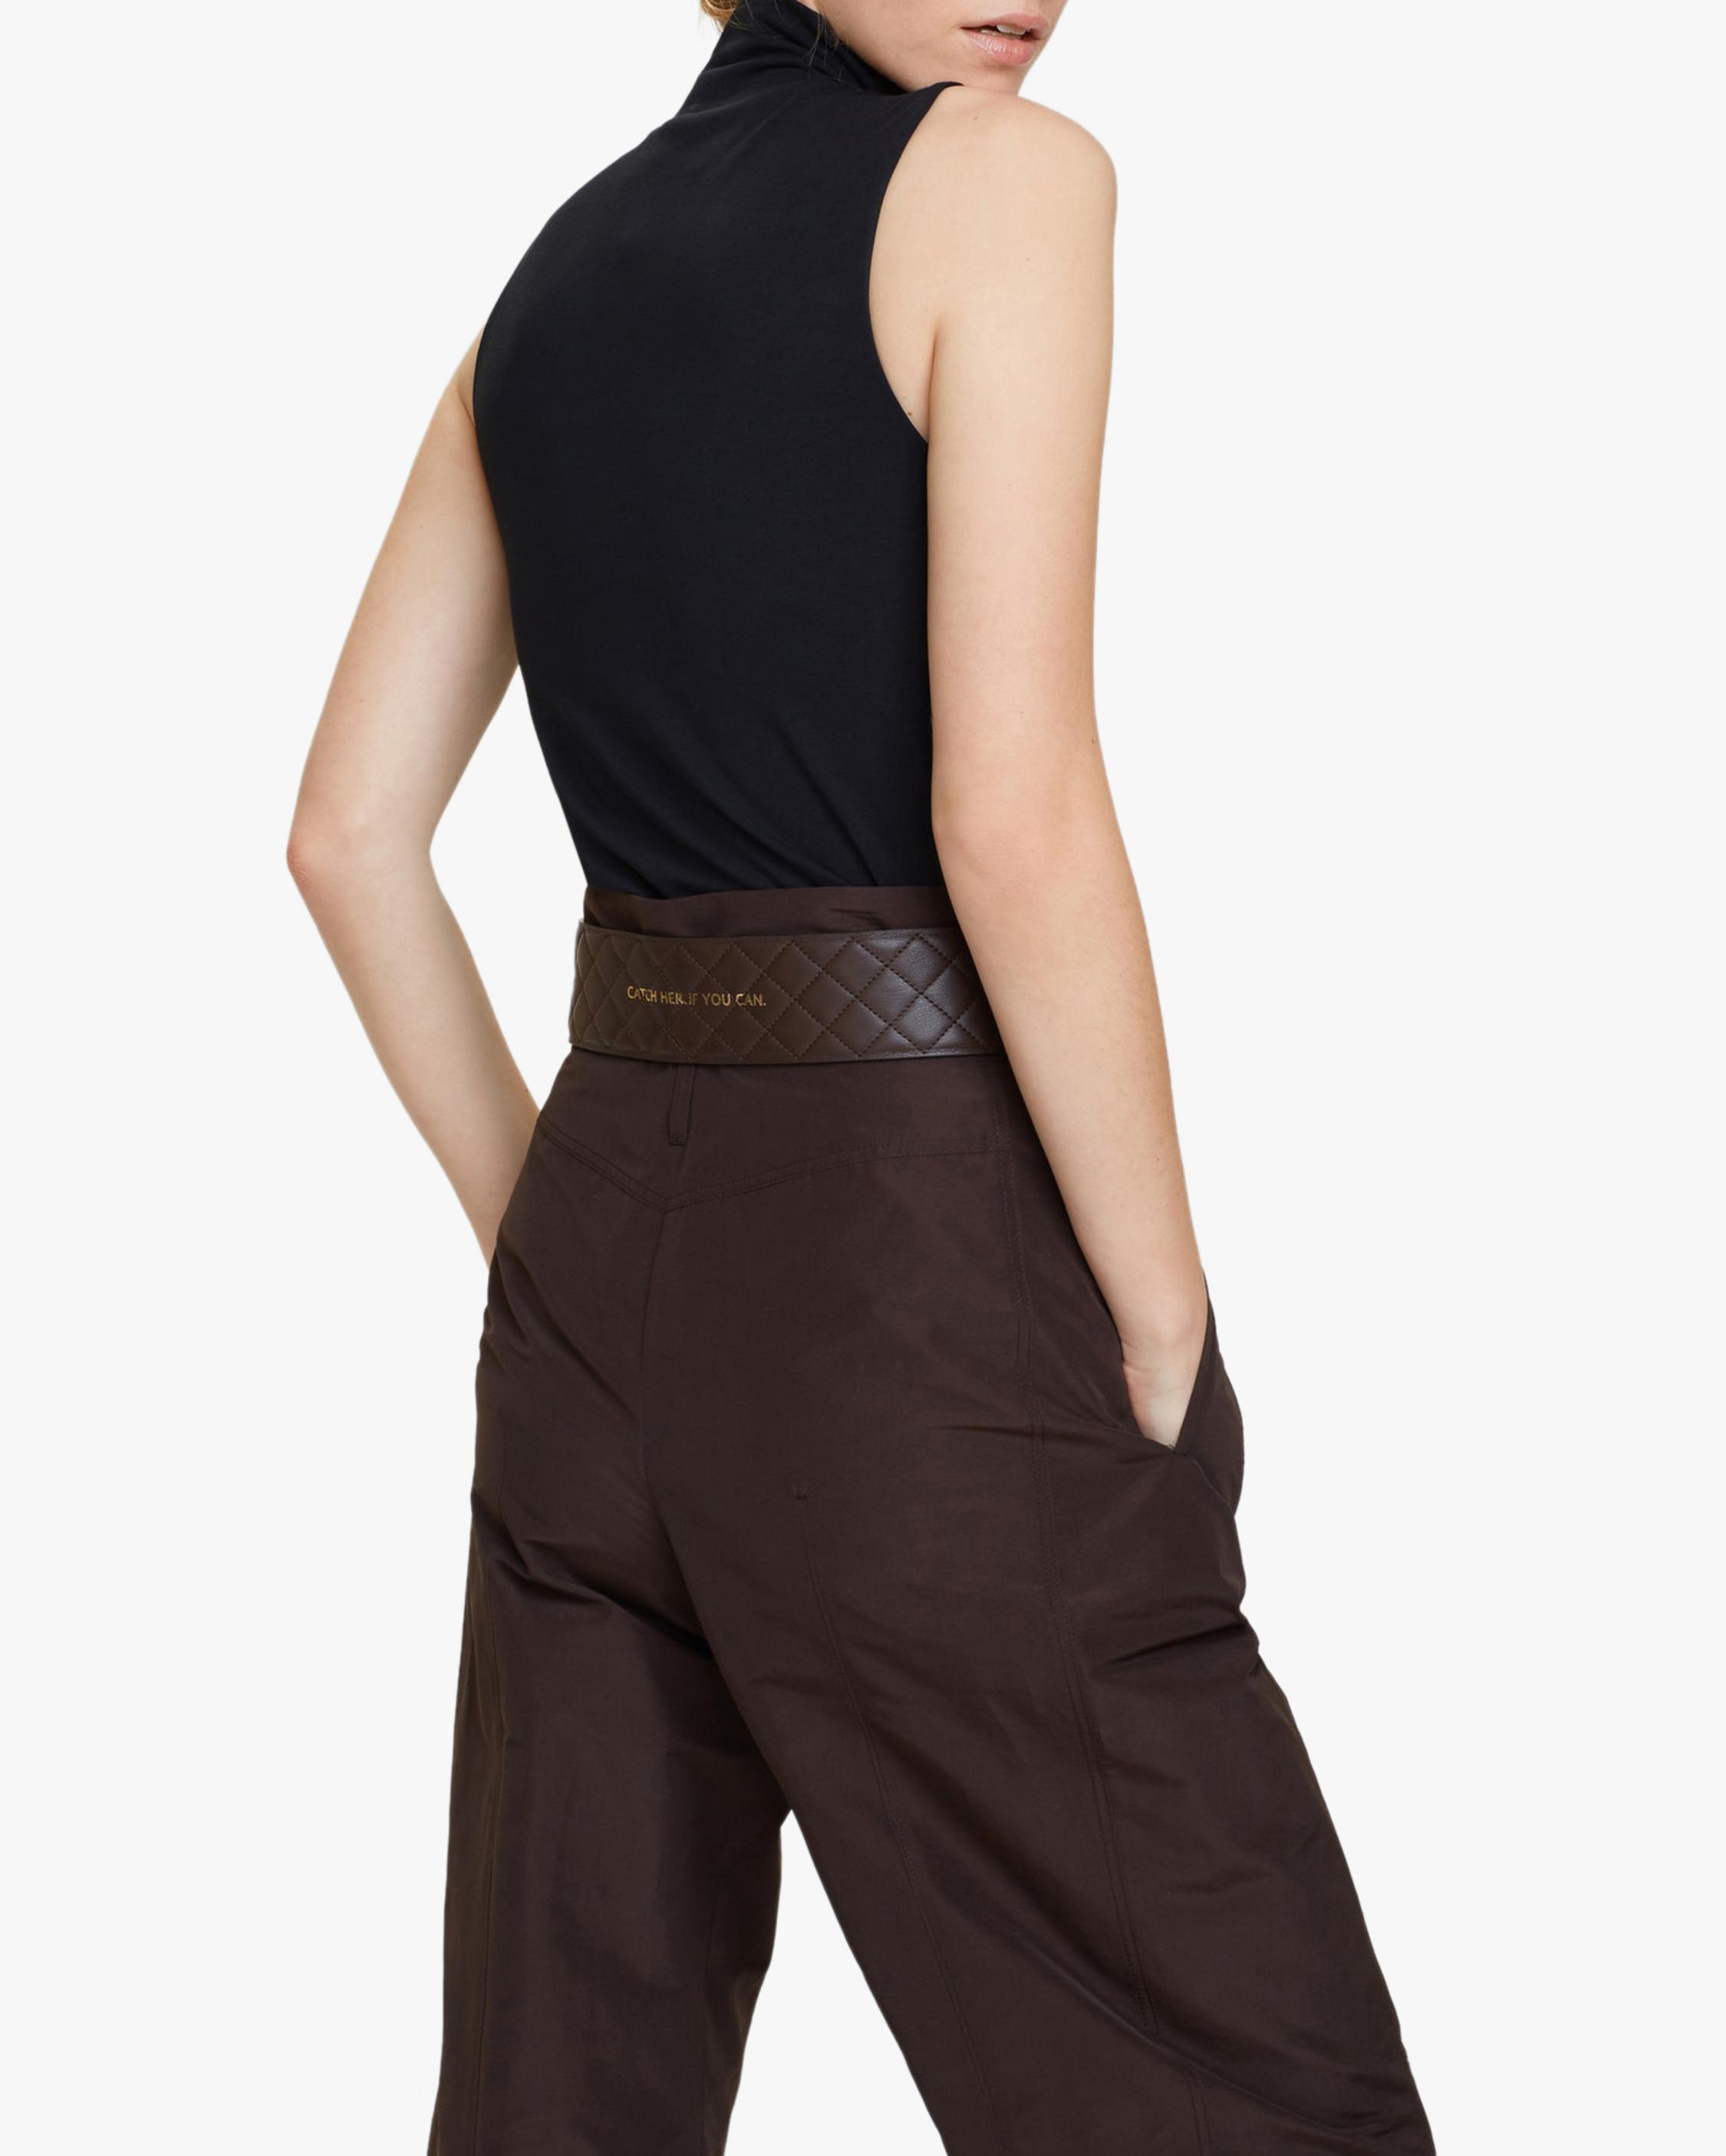 Dorothee Schumacher Soft Sensation Stitched Belt 5